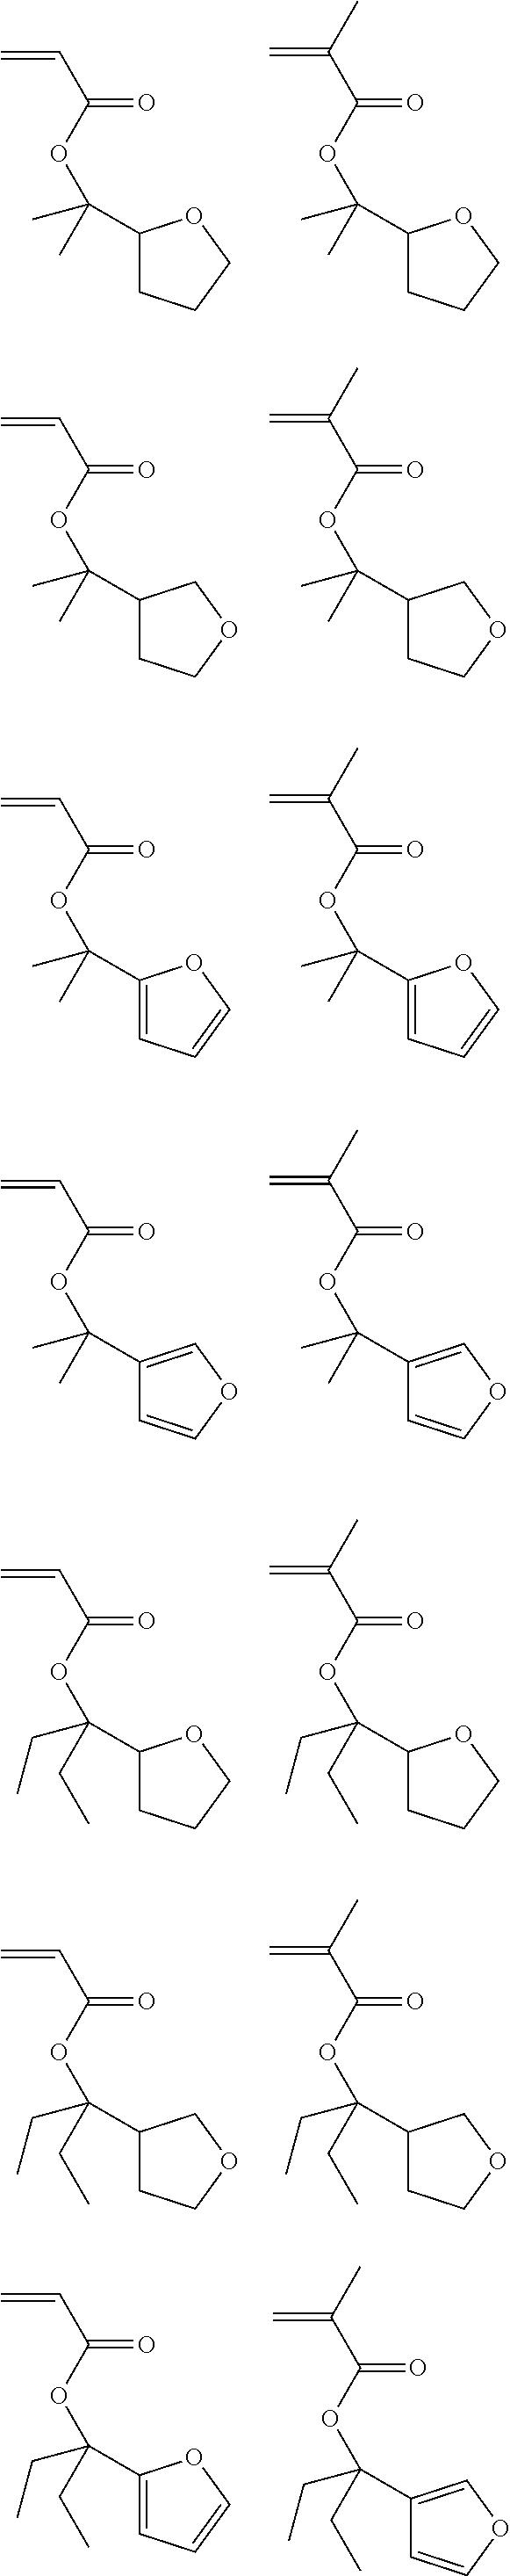 Figure US09040223-20150526-C00071